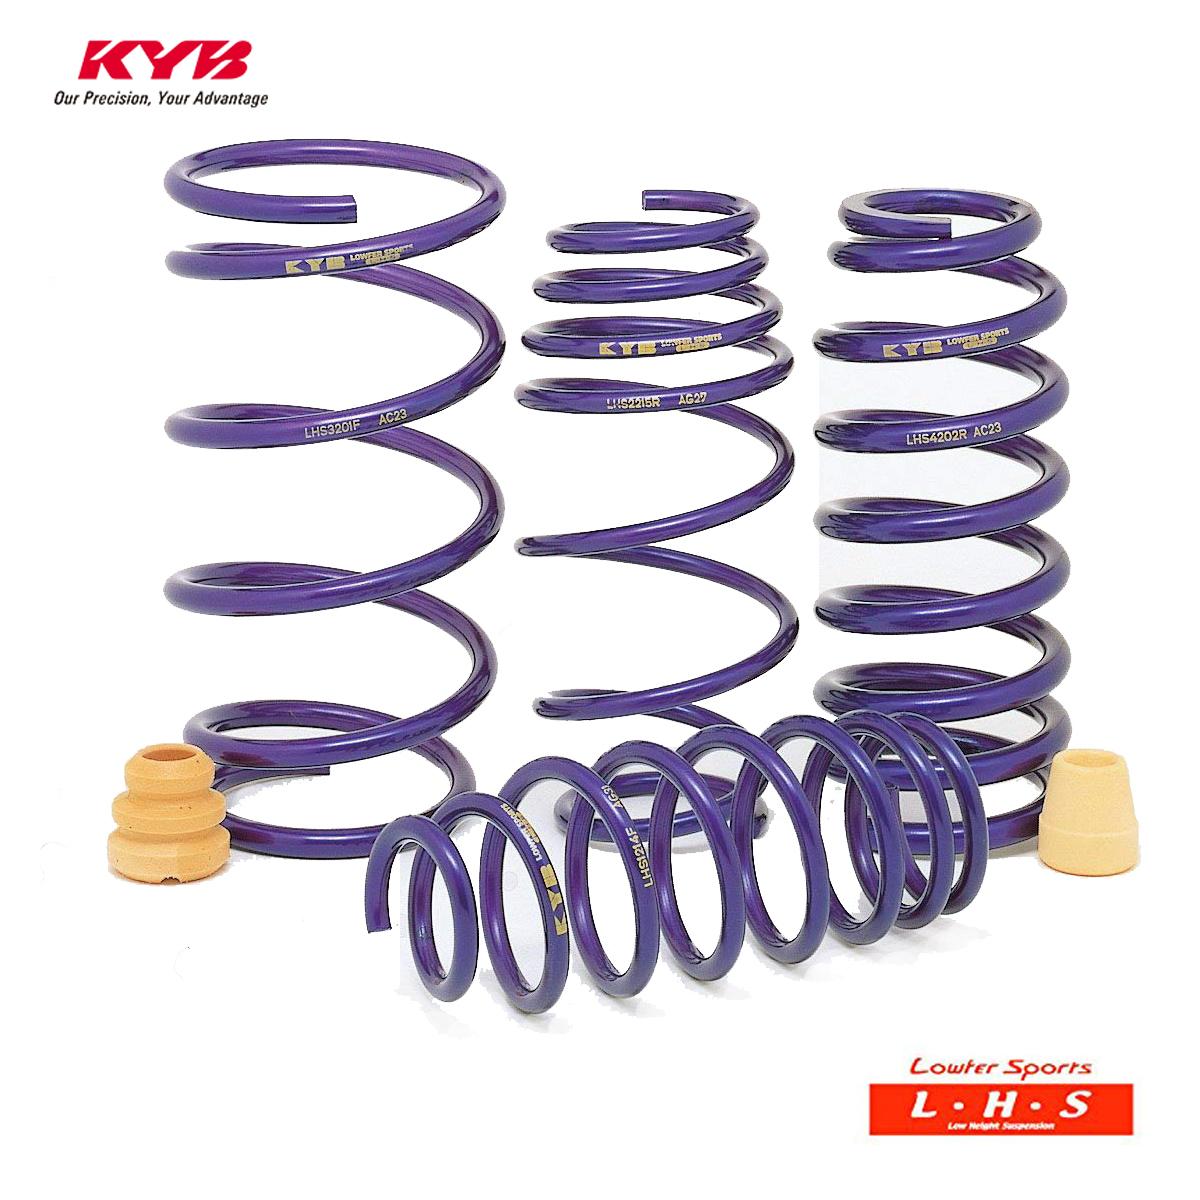 KYB カヤバ カムリ AVV50 スプリング ダウンサス セット Lowfer Sports LHS-AVV50 配送先条件有り